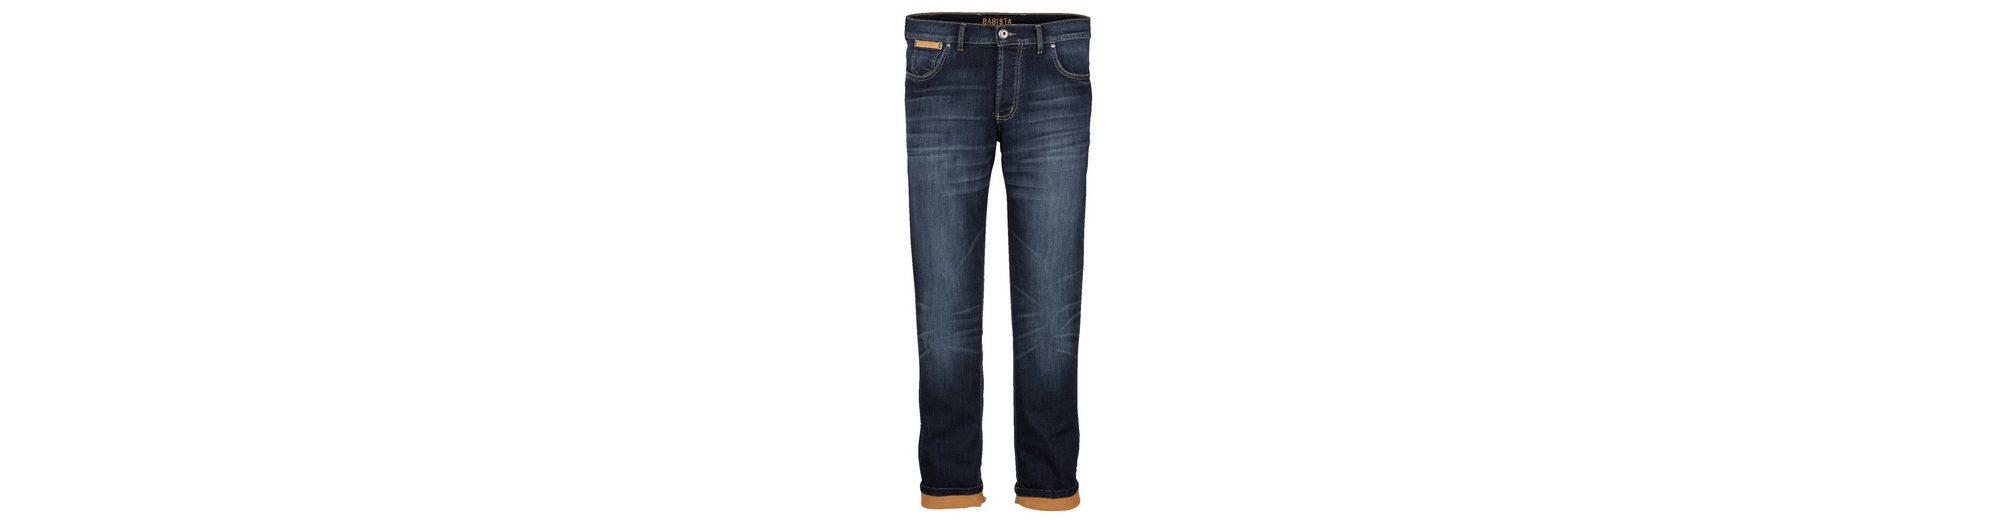 Babista Jog-Denim Jeans in bequemer Sweat-Qualit盲t